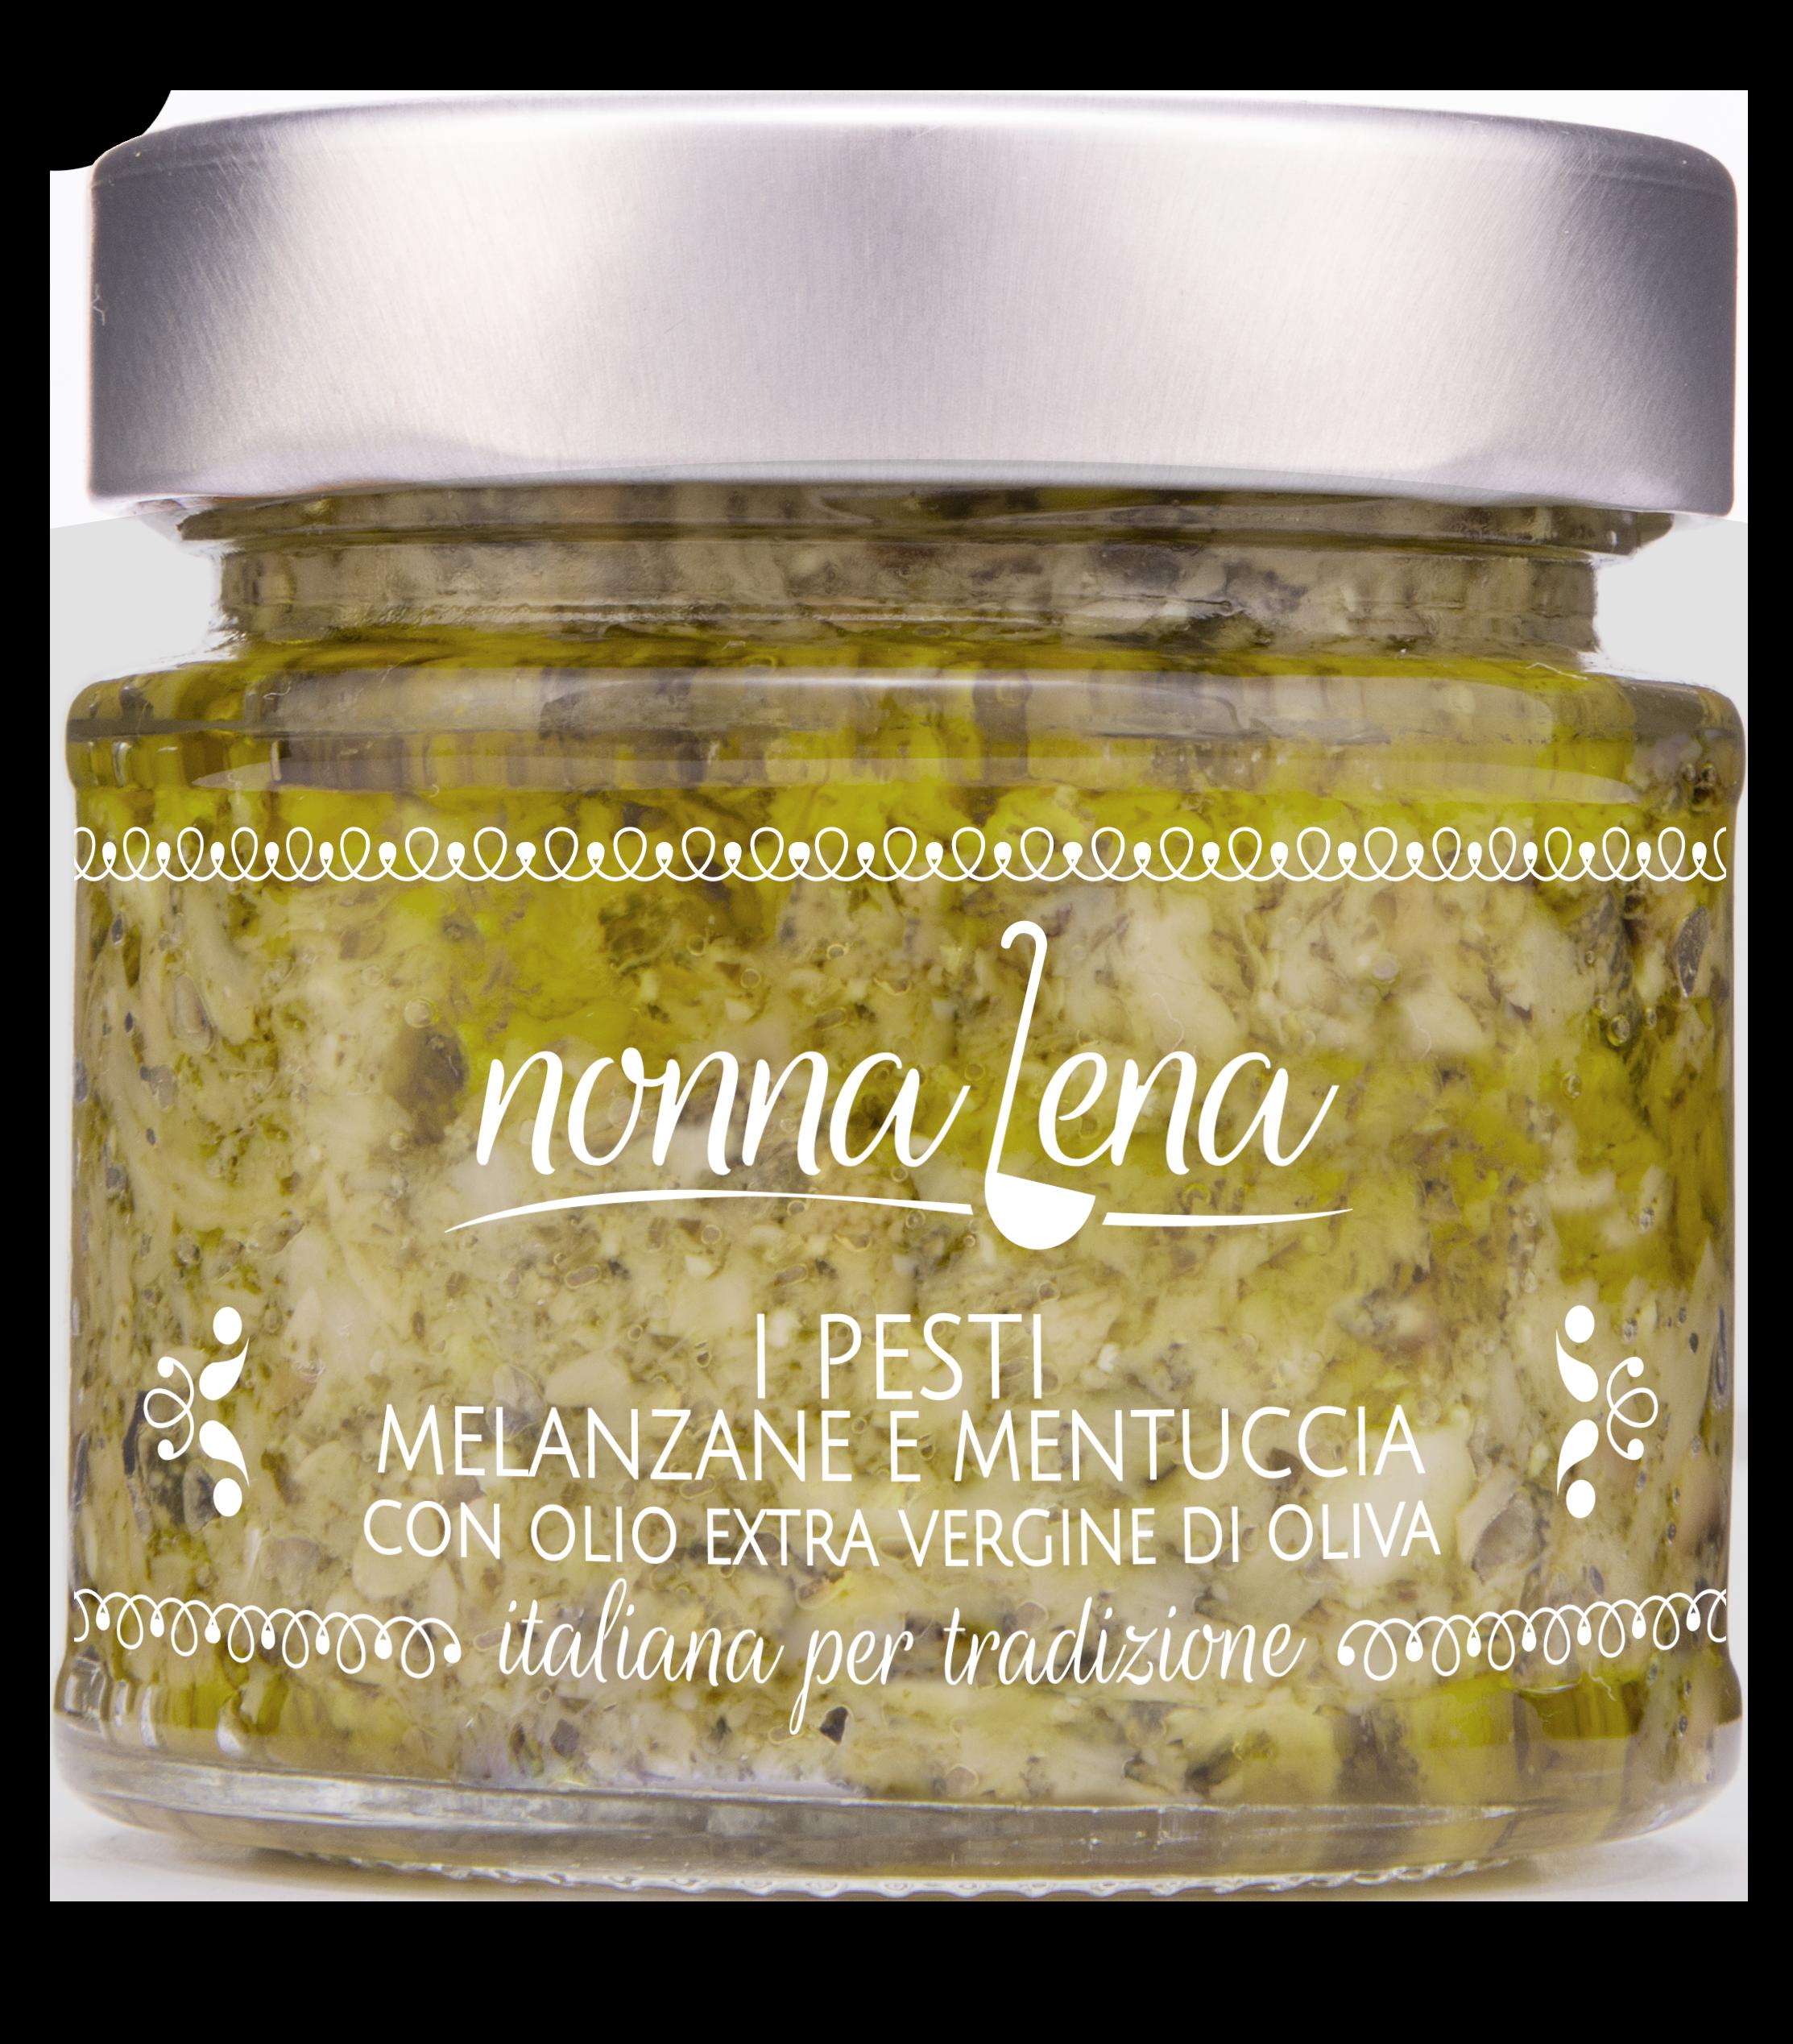 Pesto di Melanzane e mentuccia - Nonna Lena